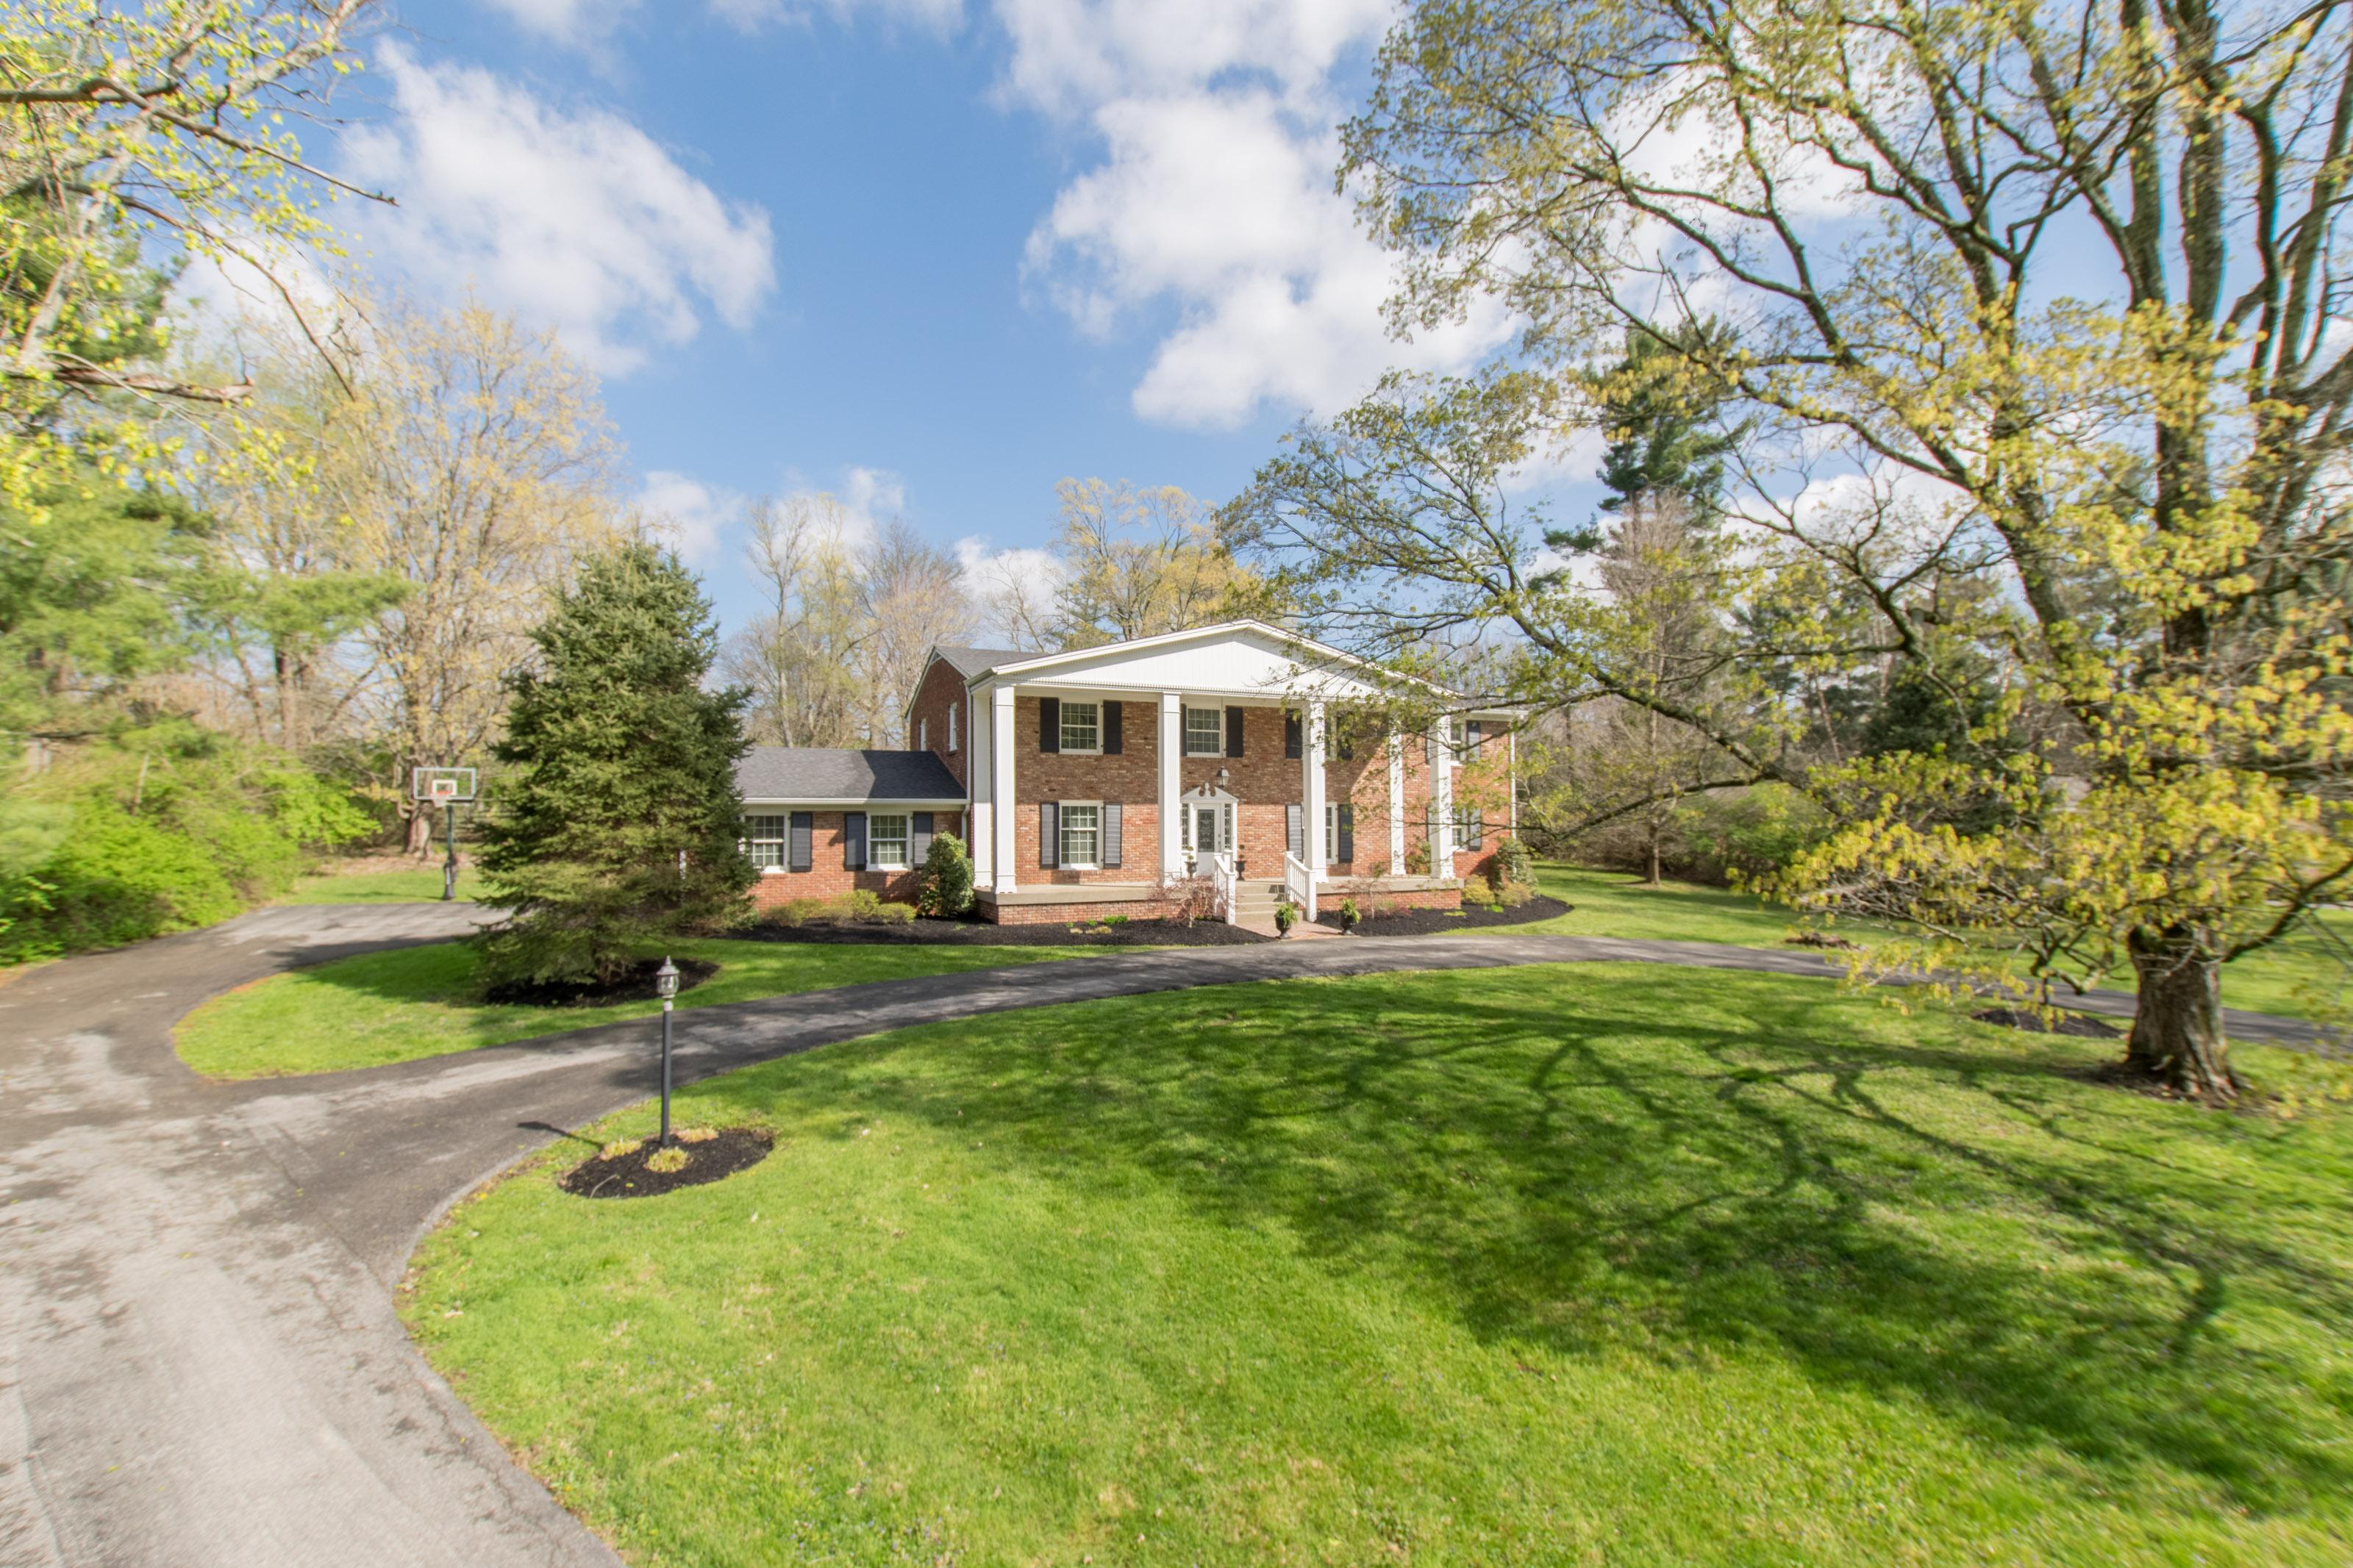 独户住宅 为 销售 在 11505 Valley View Road 安克雷奇, 肯塔基州, 40223 美国